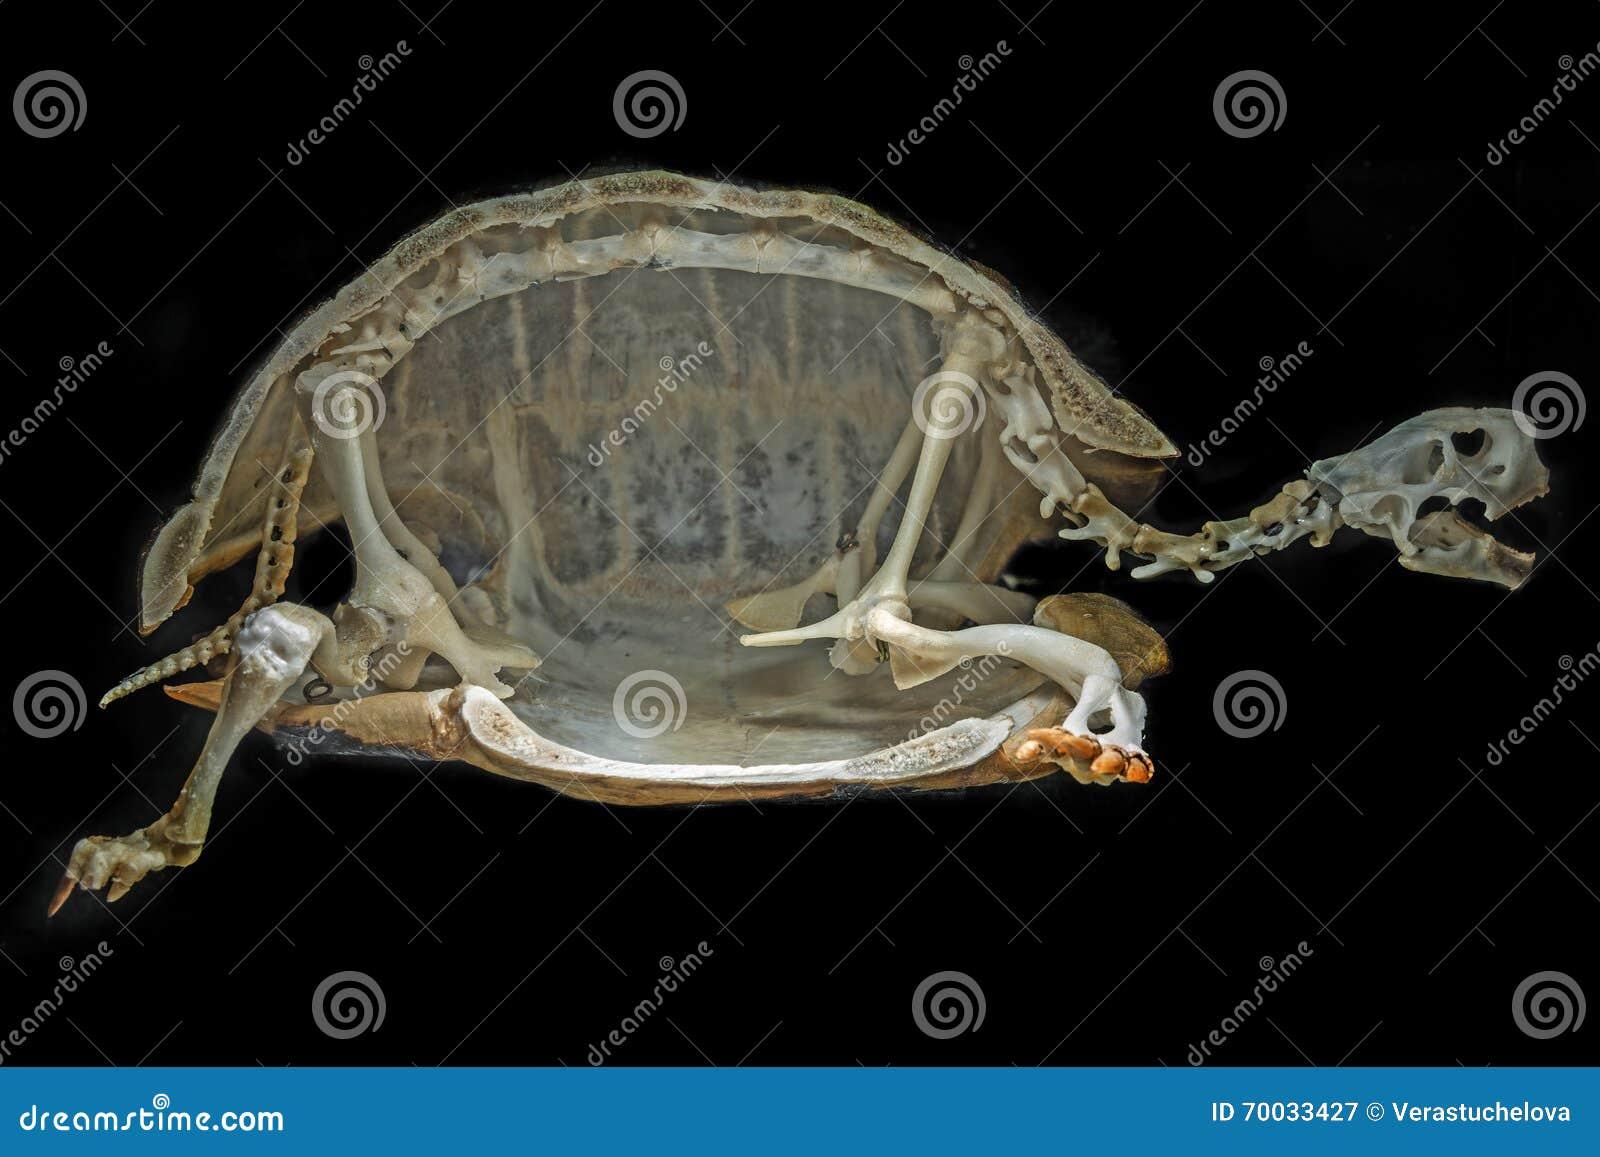 Skelett Auf Einer Schildkröte Stockbild - Bild von anatomie ...